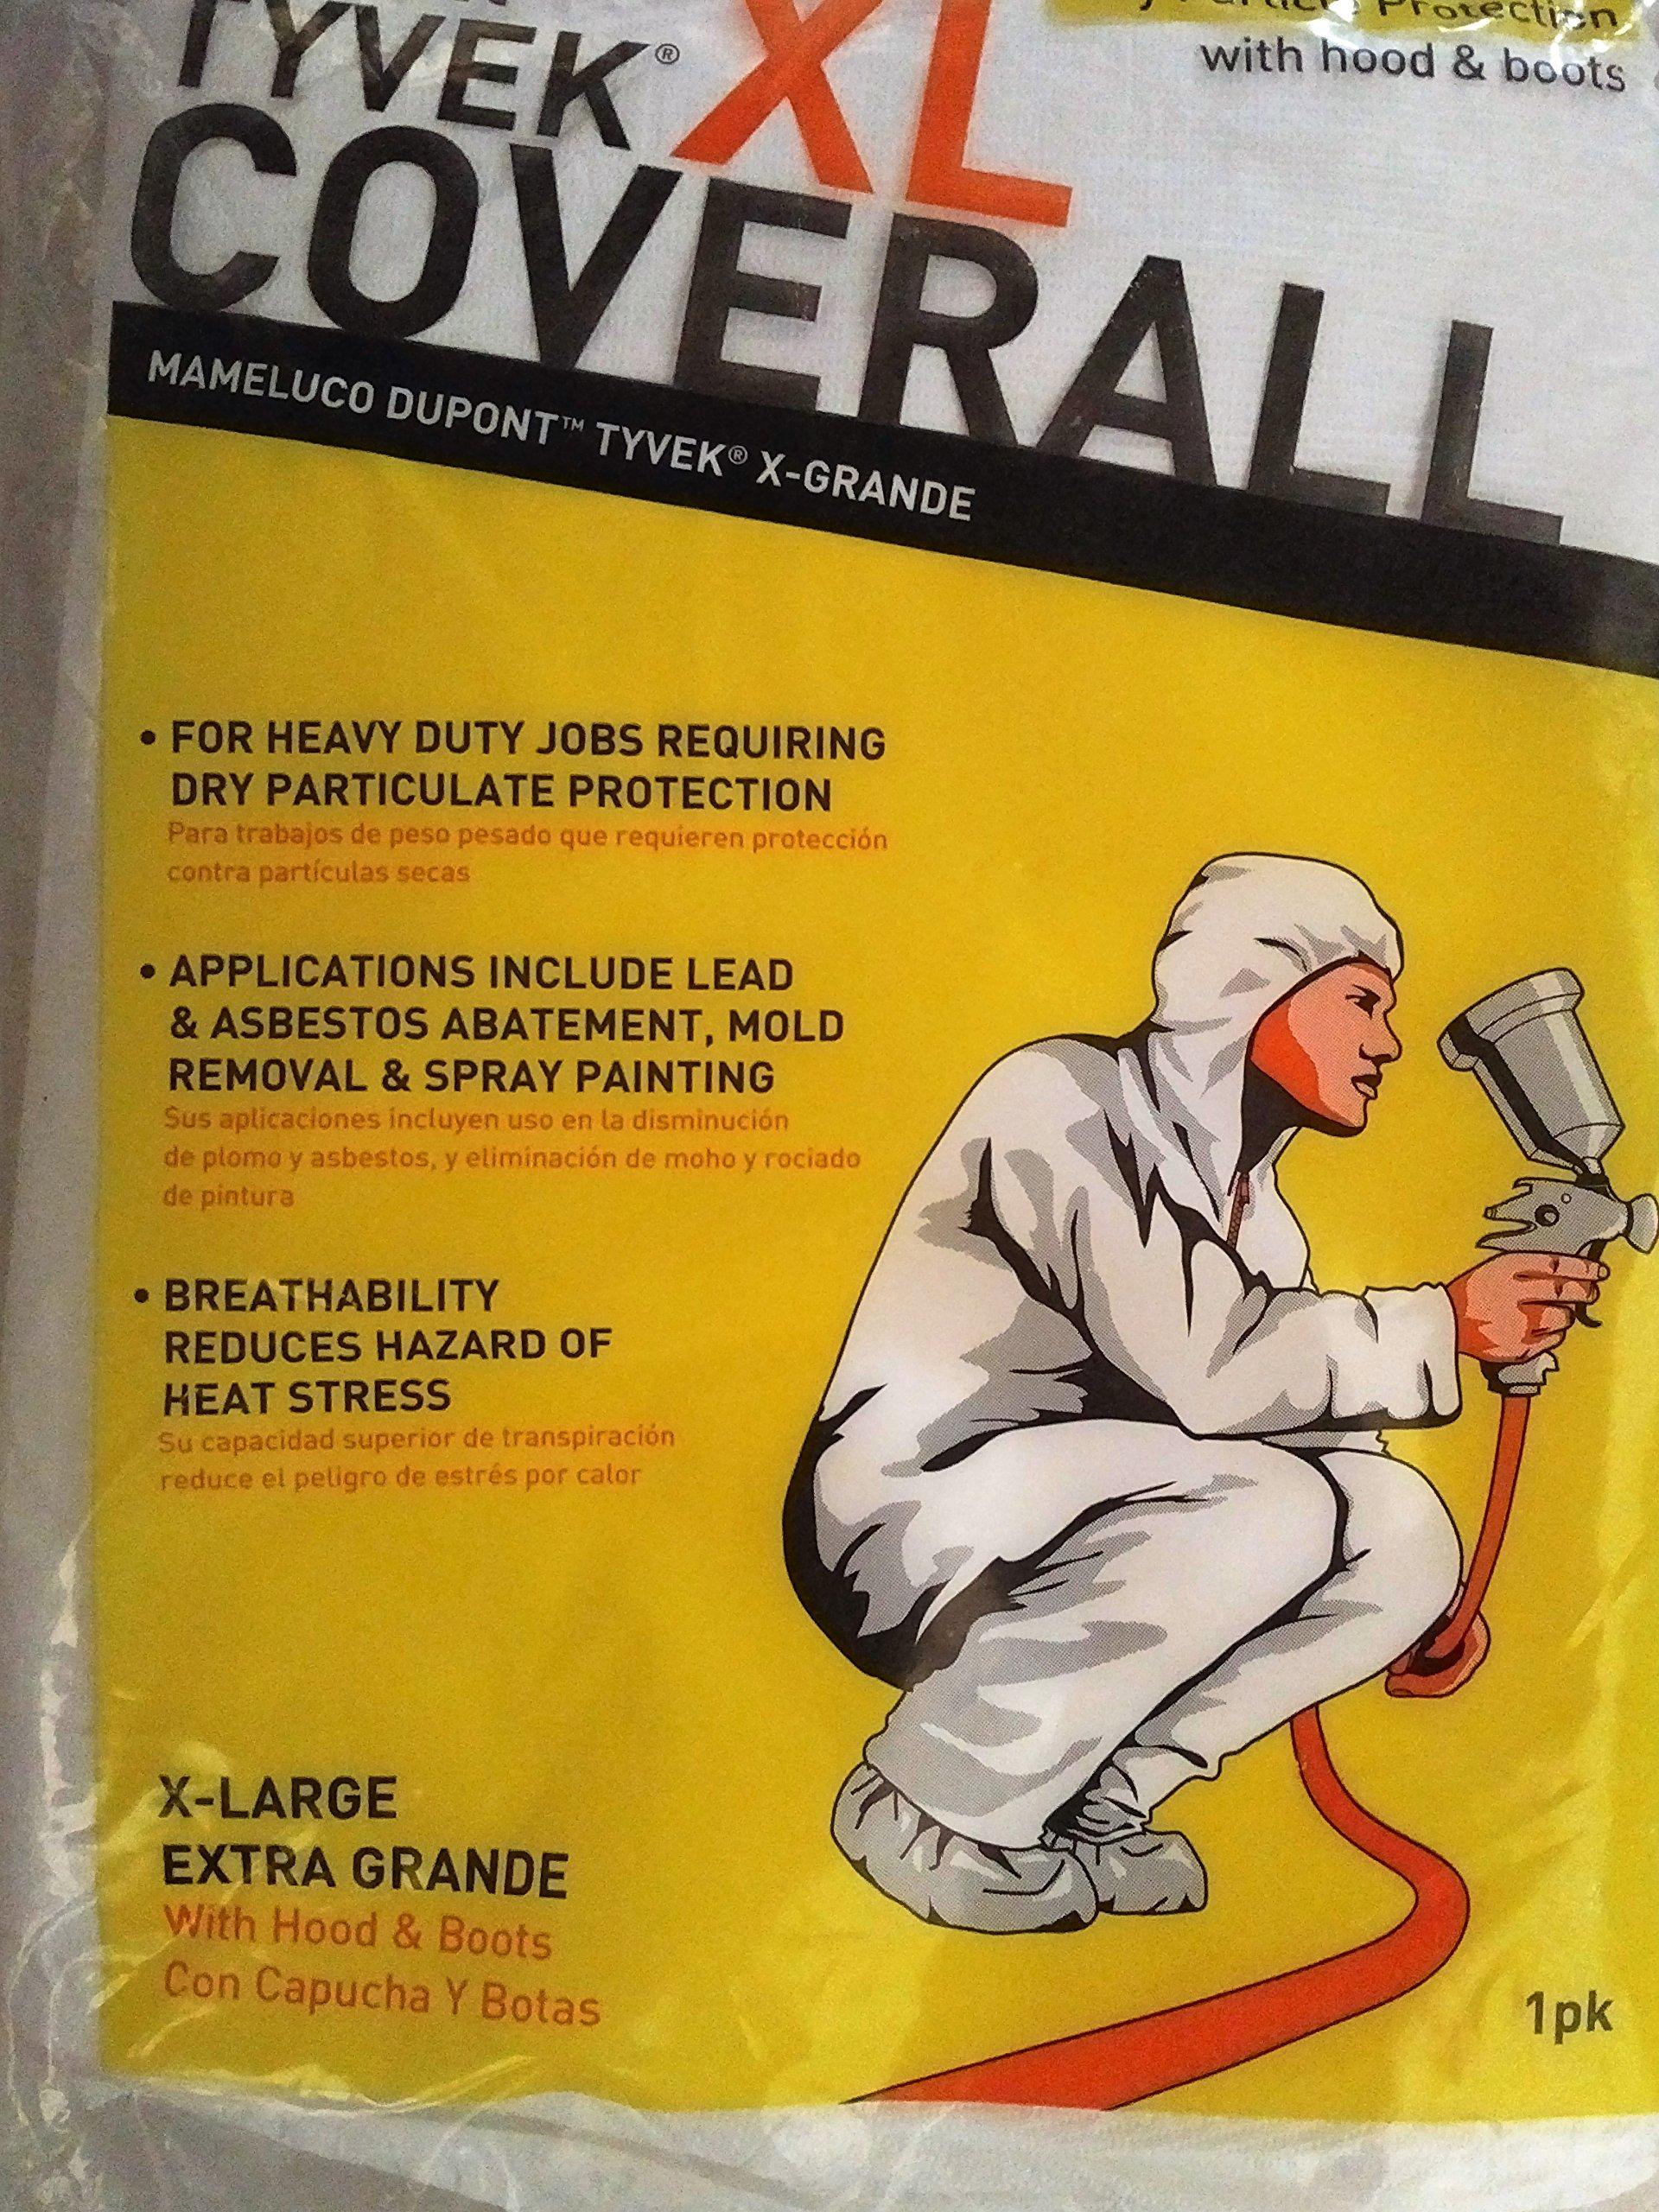 COVERALL TYVEK XL W/B&H by TRIMACO MfrPartNo 141232/12 by Trimaco Inc